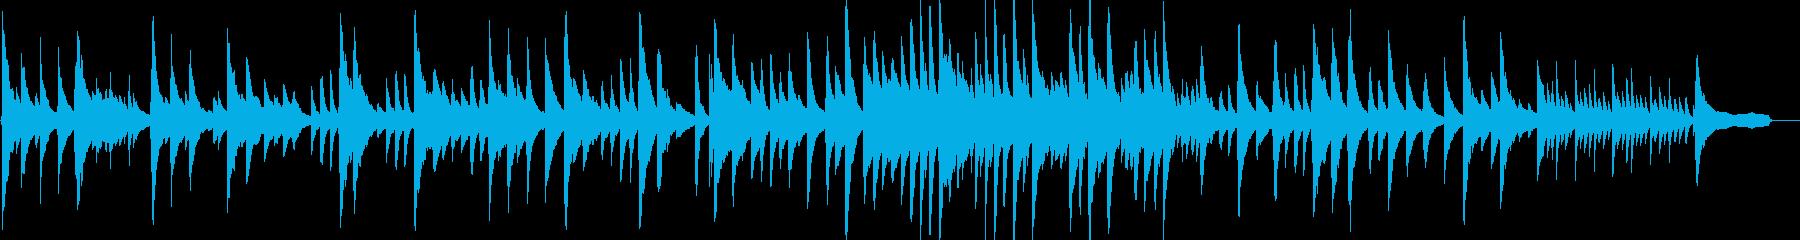 ピアニストに弾いてもらった穏やなバラードの再生済みの波形